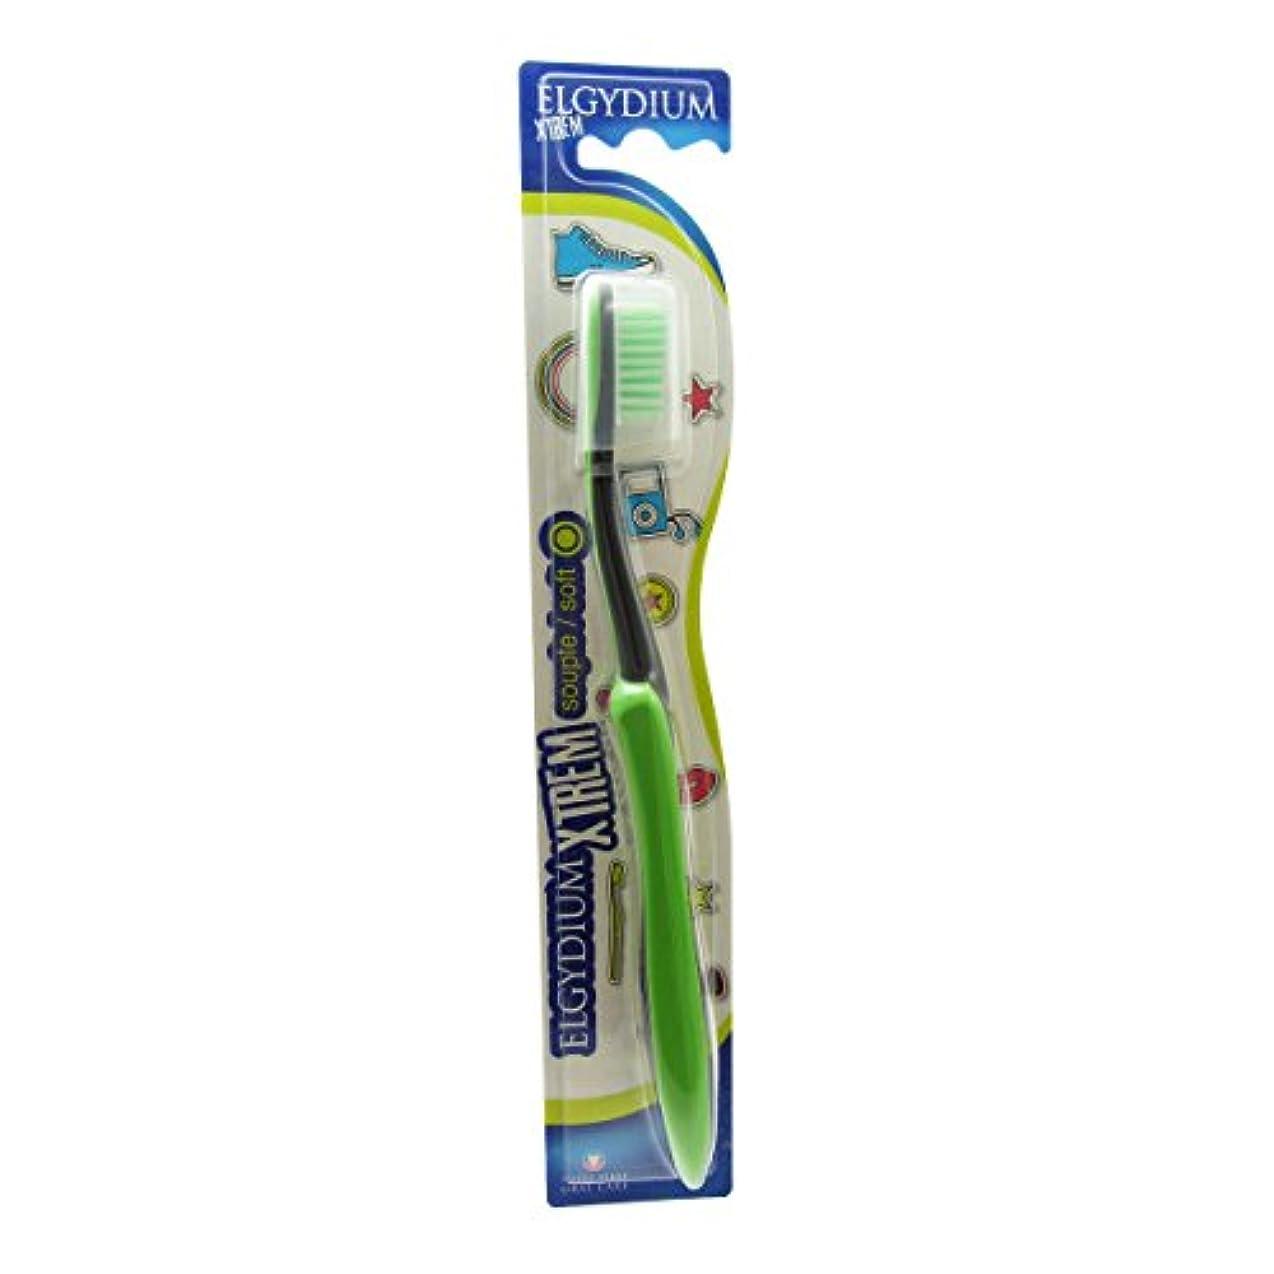 忘れる広がりビバElgydium Xtrem Toothbrush Soft Hardness [並行輸入品]